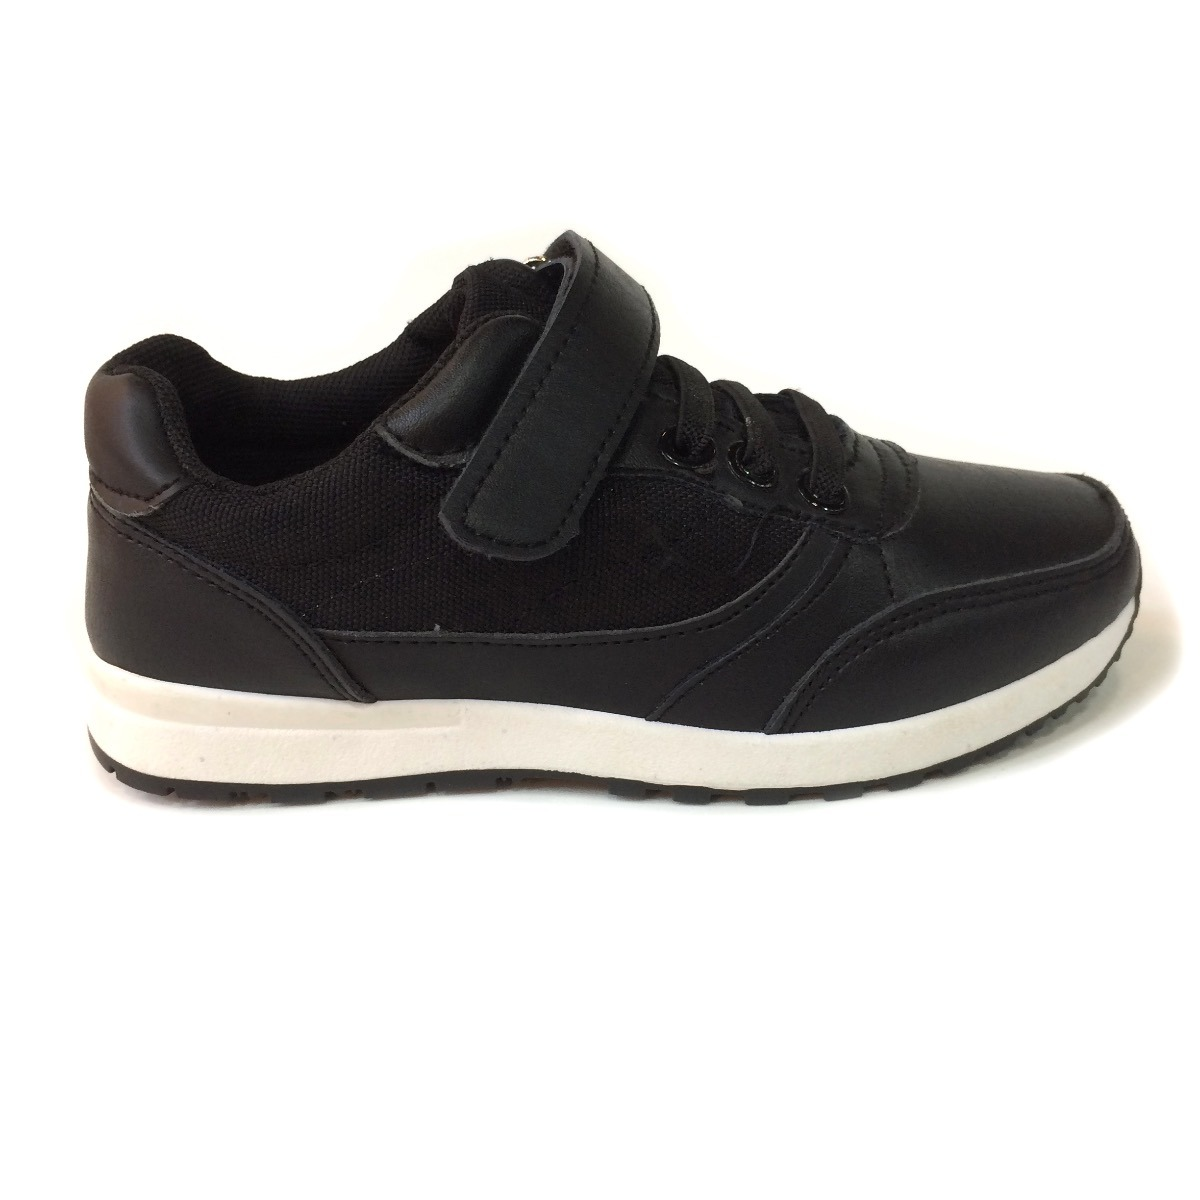 aca49ede zapatos minimum para niños - mi16312b black tallas 28 a 35. Cargando zoom.